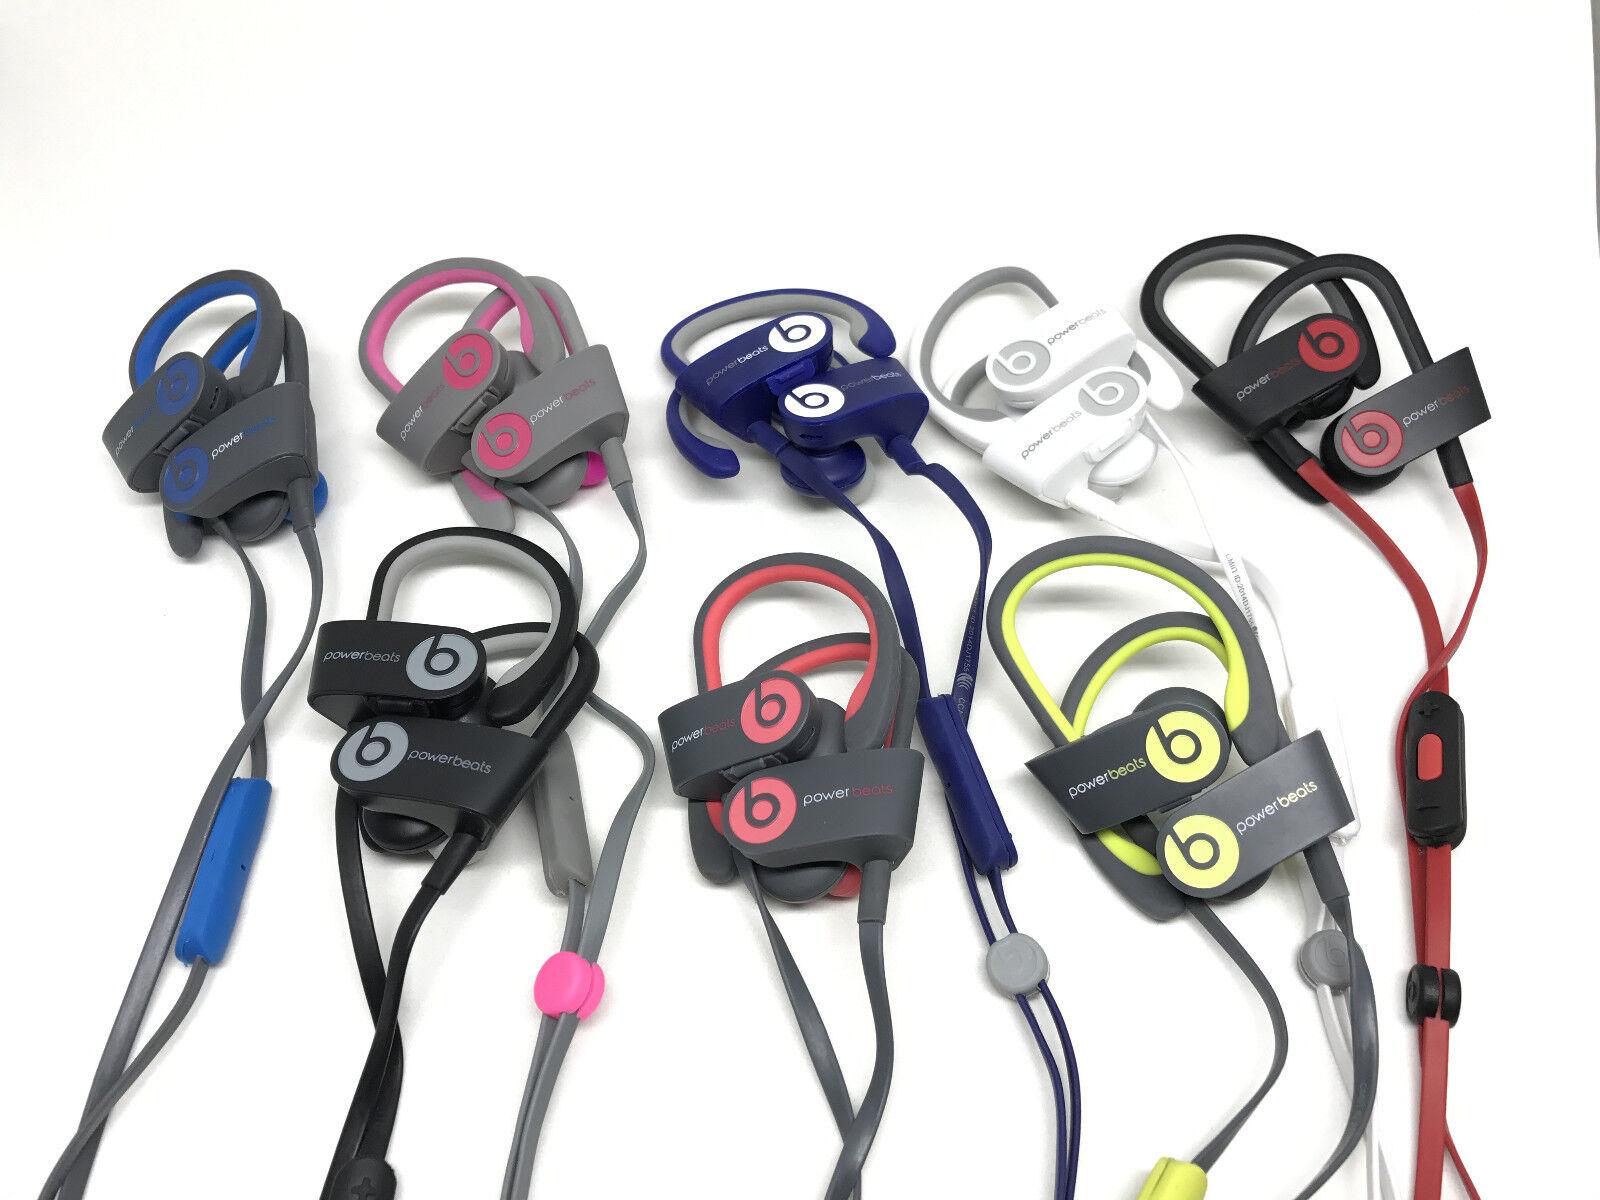 Beats By Dre - Beats By Dr. Dre PowerBeats 2 Wireless Earphones Headphones In-Ear ur Beats Dr